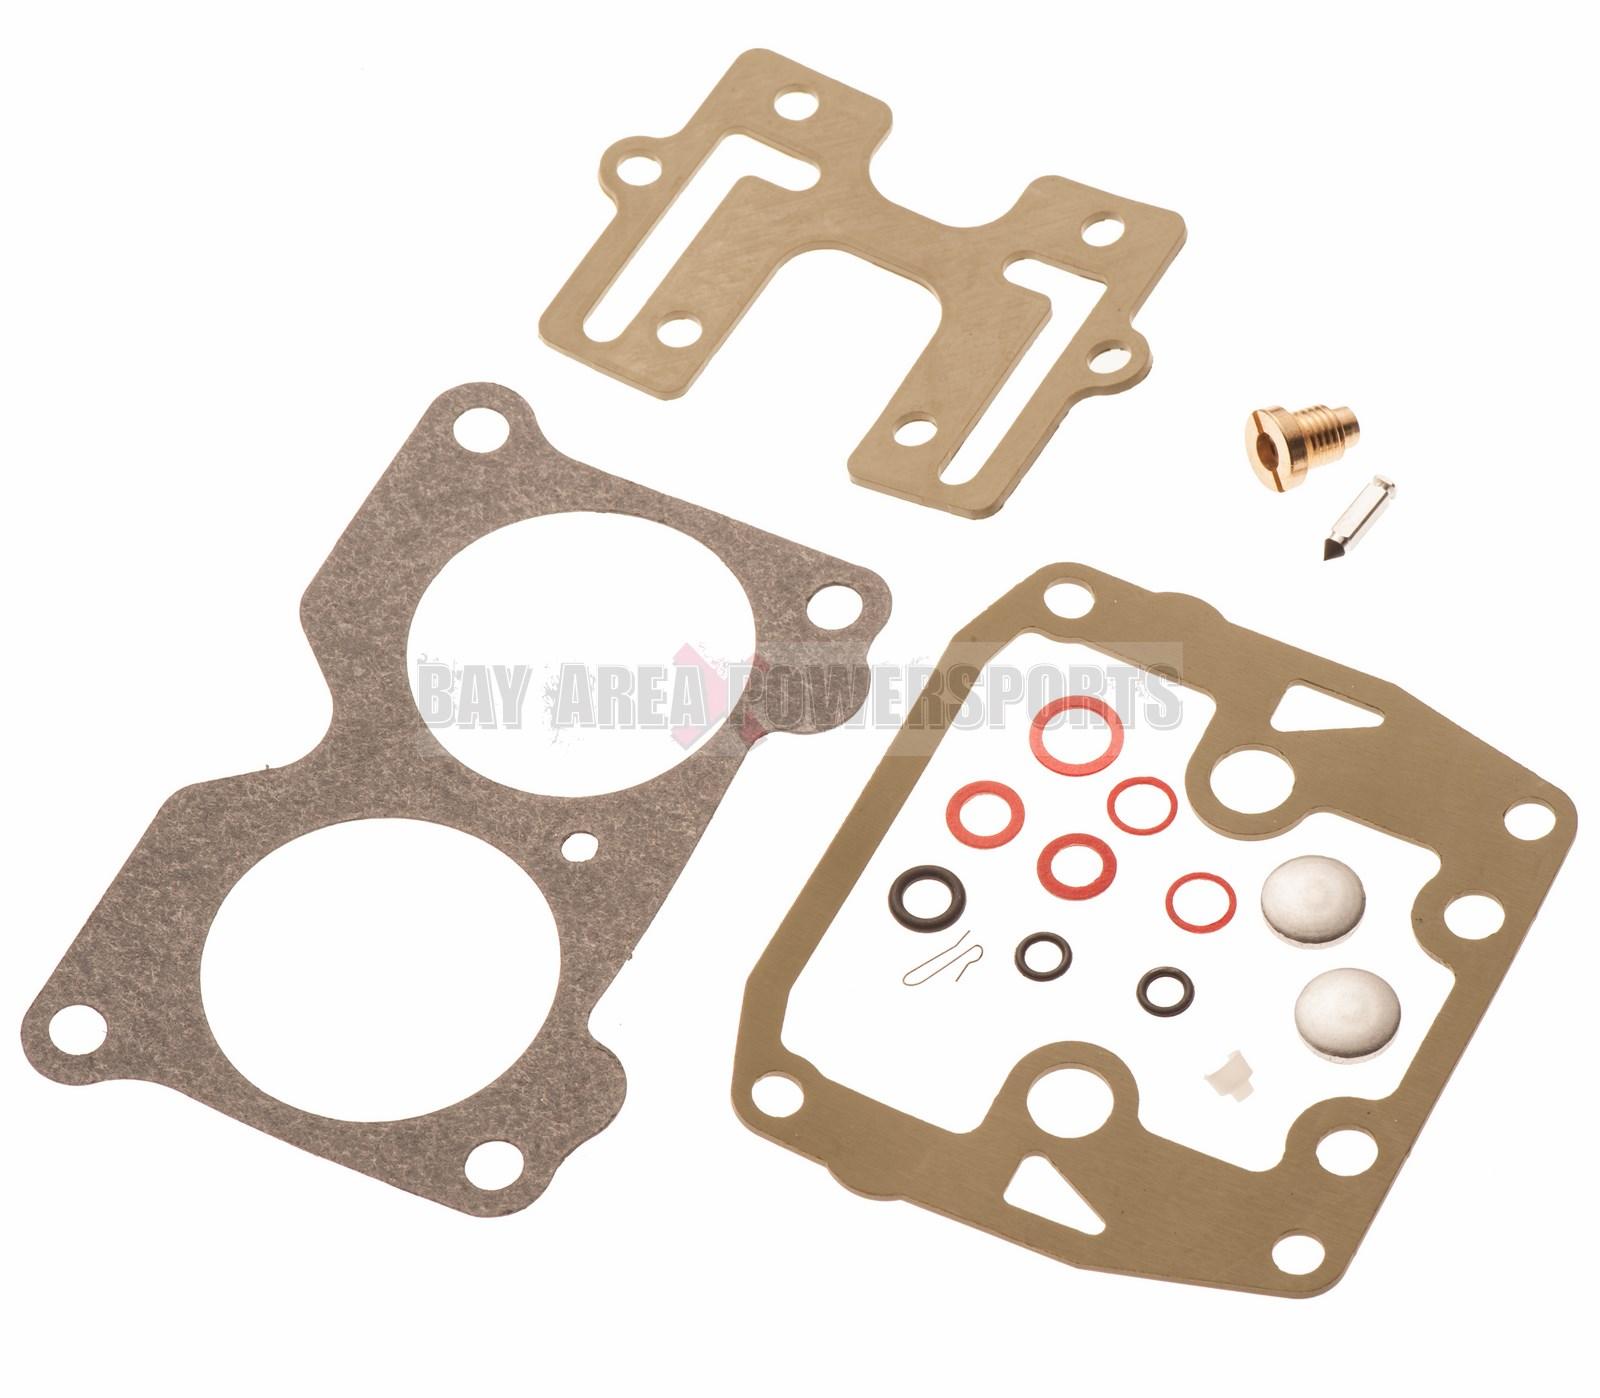 Carburetor 439076 Carb Repair Rebuild Kit for Johnson Evinrude Outboard Motors Replaces 439076